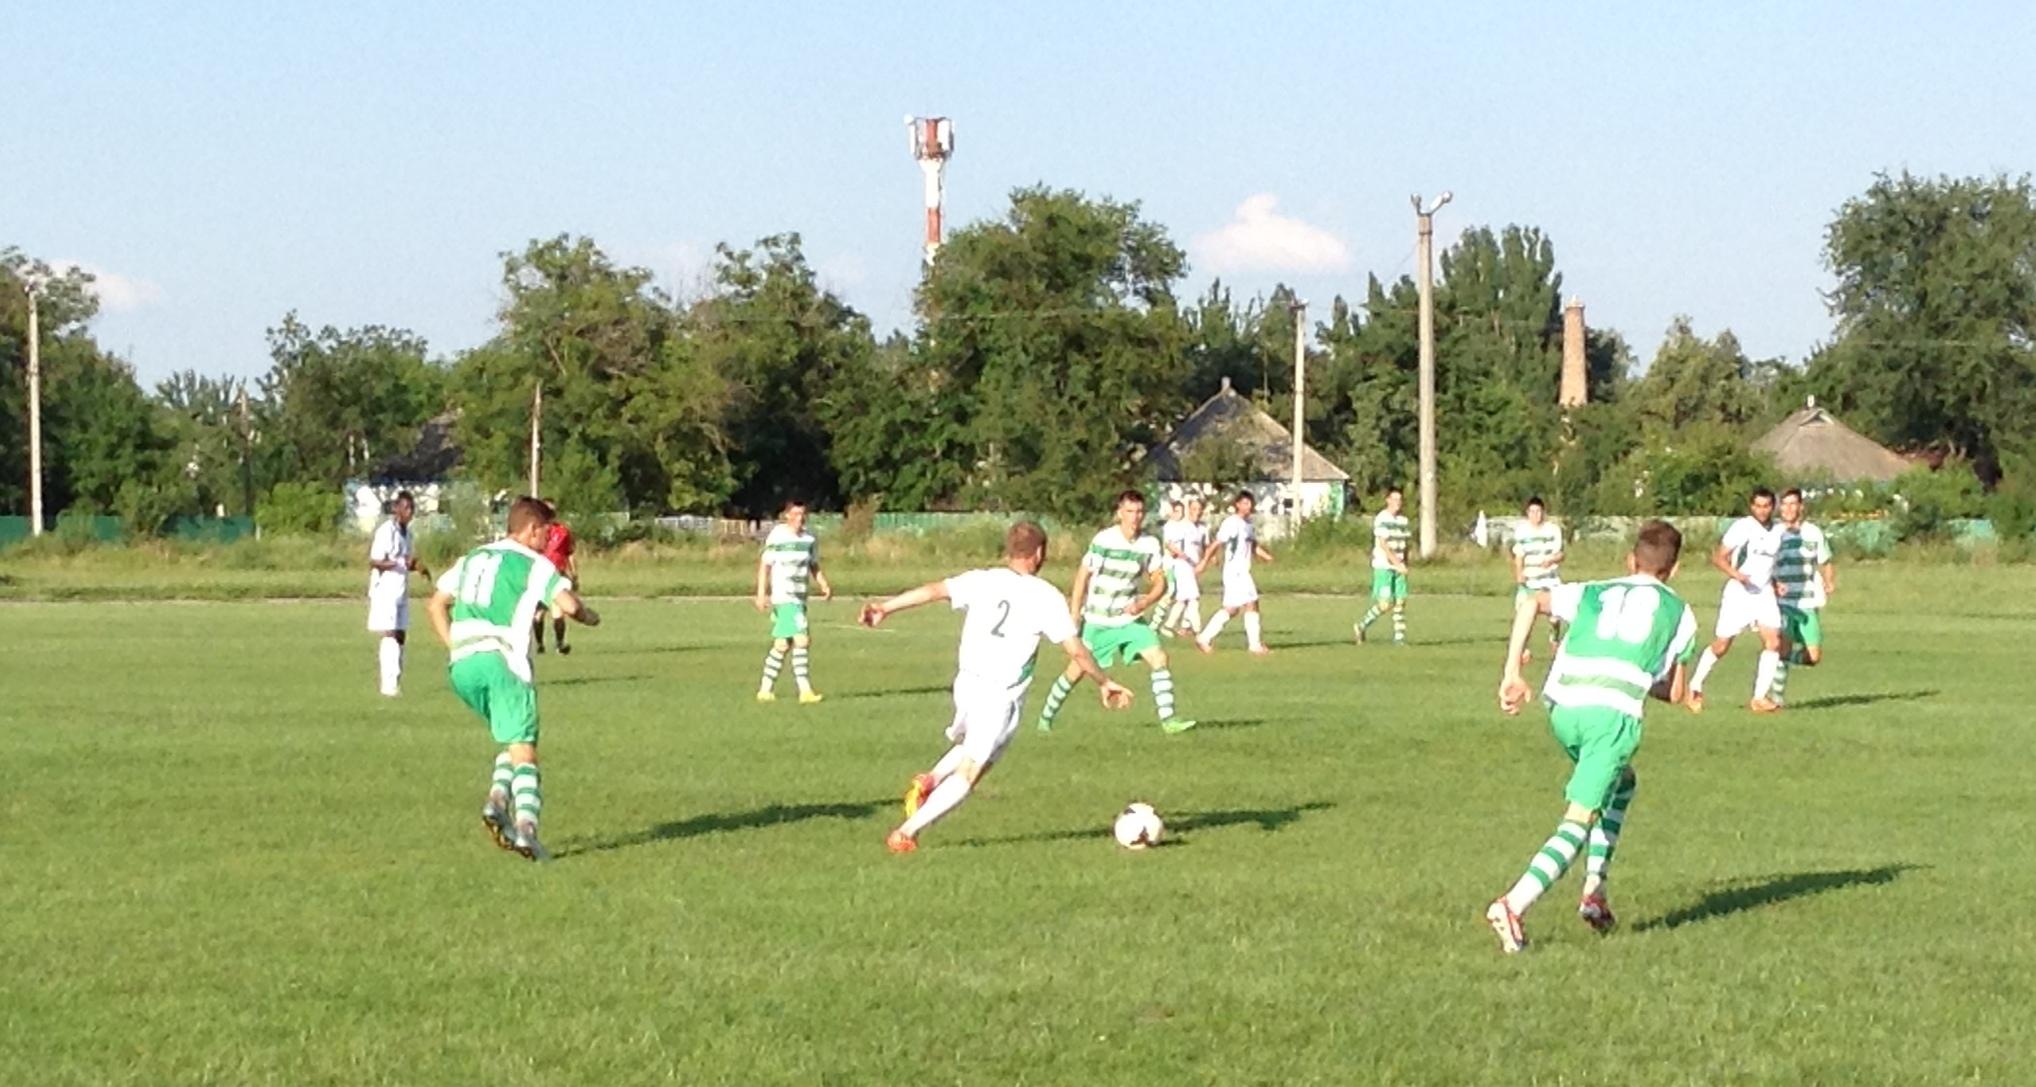 Оржиця,Лазірки, районна рада, футбол, чемпіонат, Полтавщин